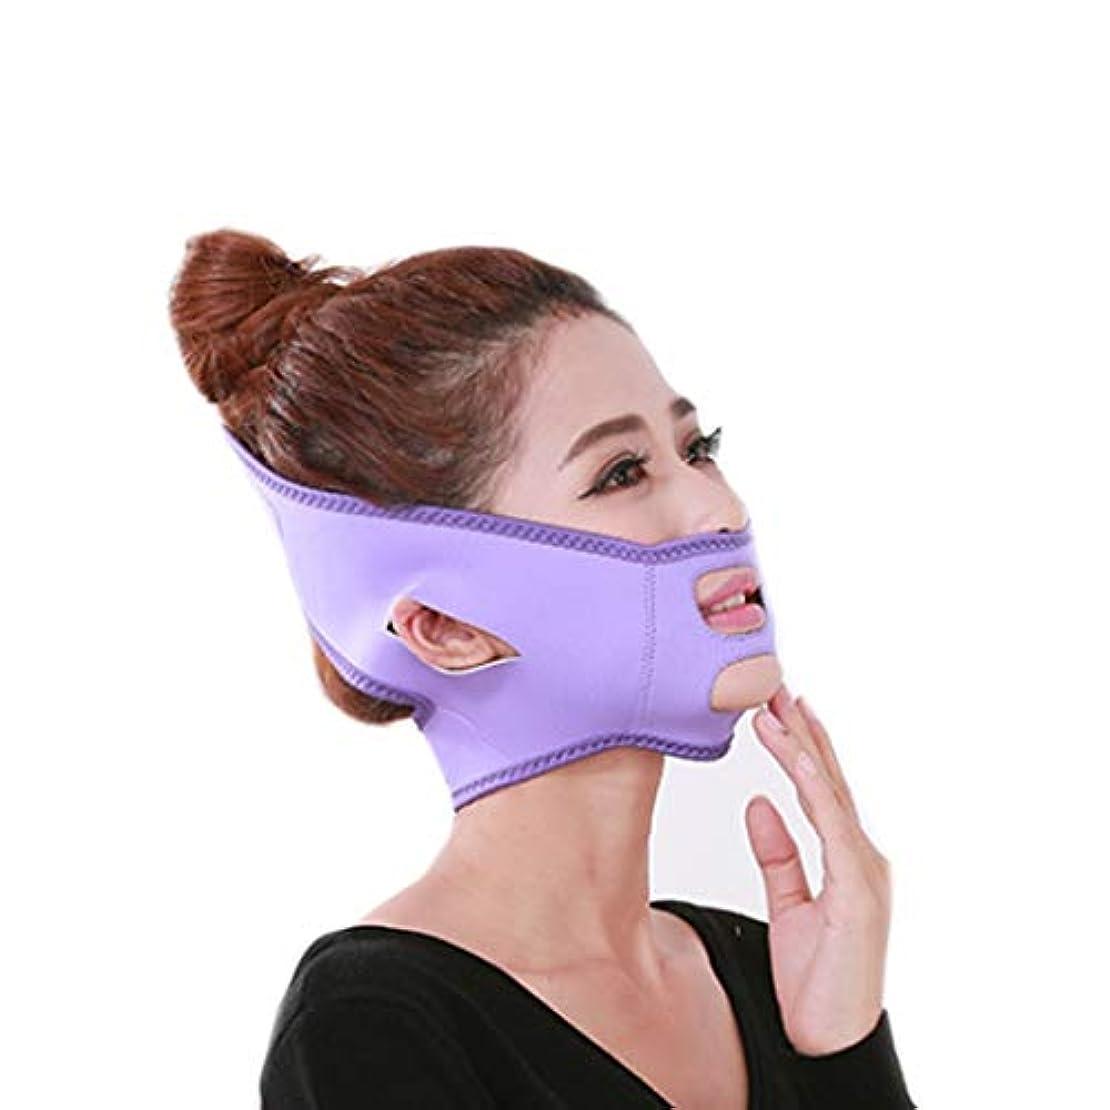 無能観察規模XHLMRMJ フェイスリフトテープ&バンド、フェイススリミングマスク、ダブルチン、ダブルチンリデューサー、シワ防止マスク、リフティングシェイプ(フリーサイズ) (Color : Purple)